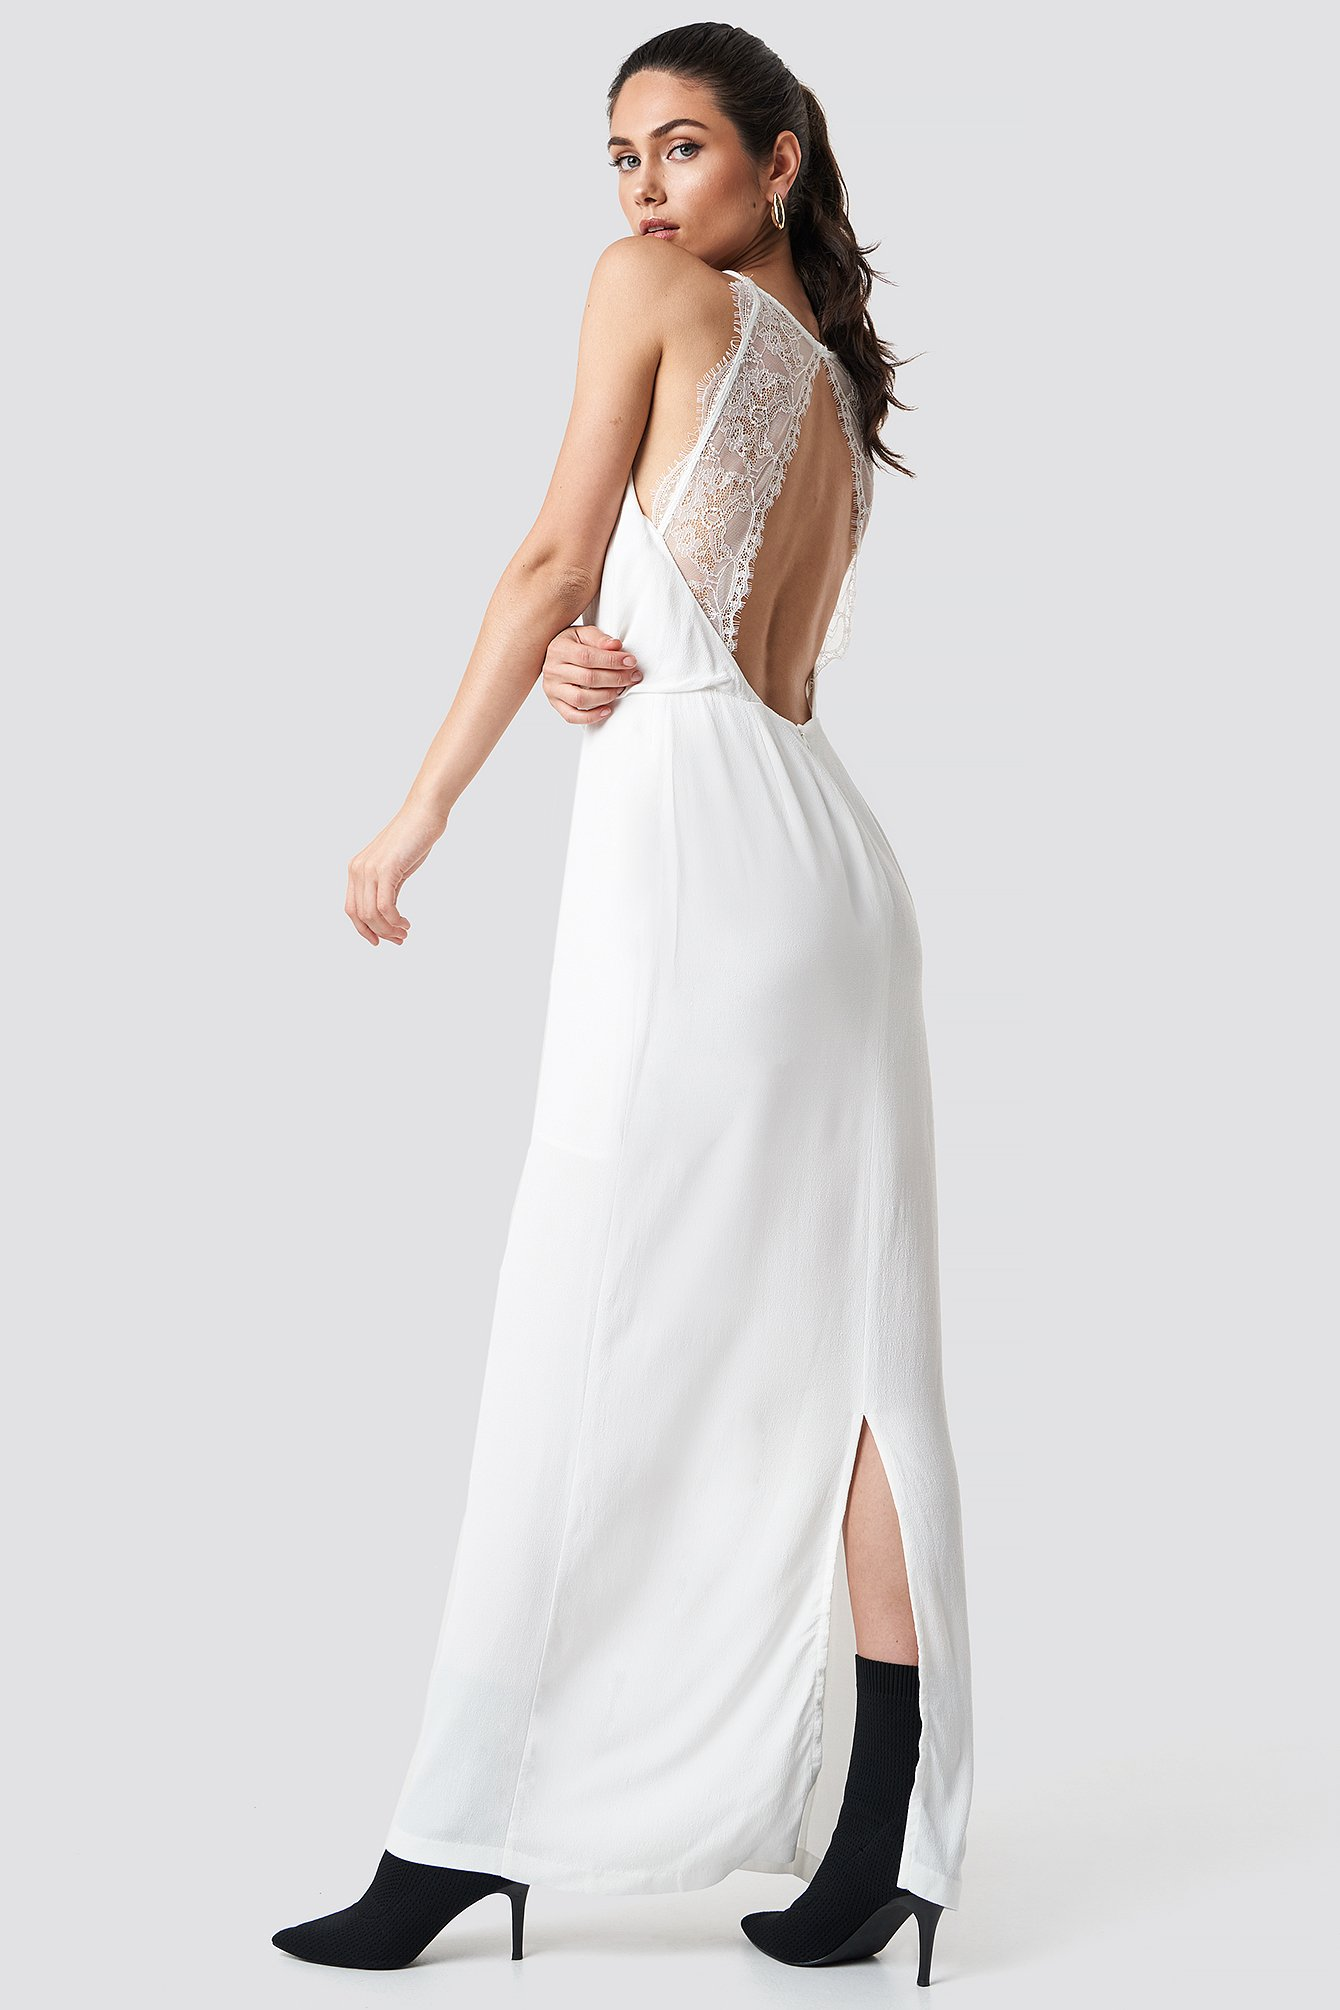 fantastiskt pris bättre bästa sneakers Willow Dress Long White   na-kd.com